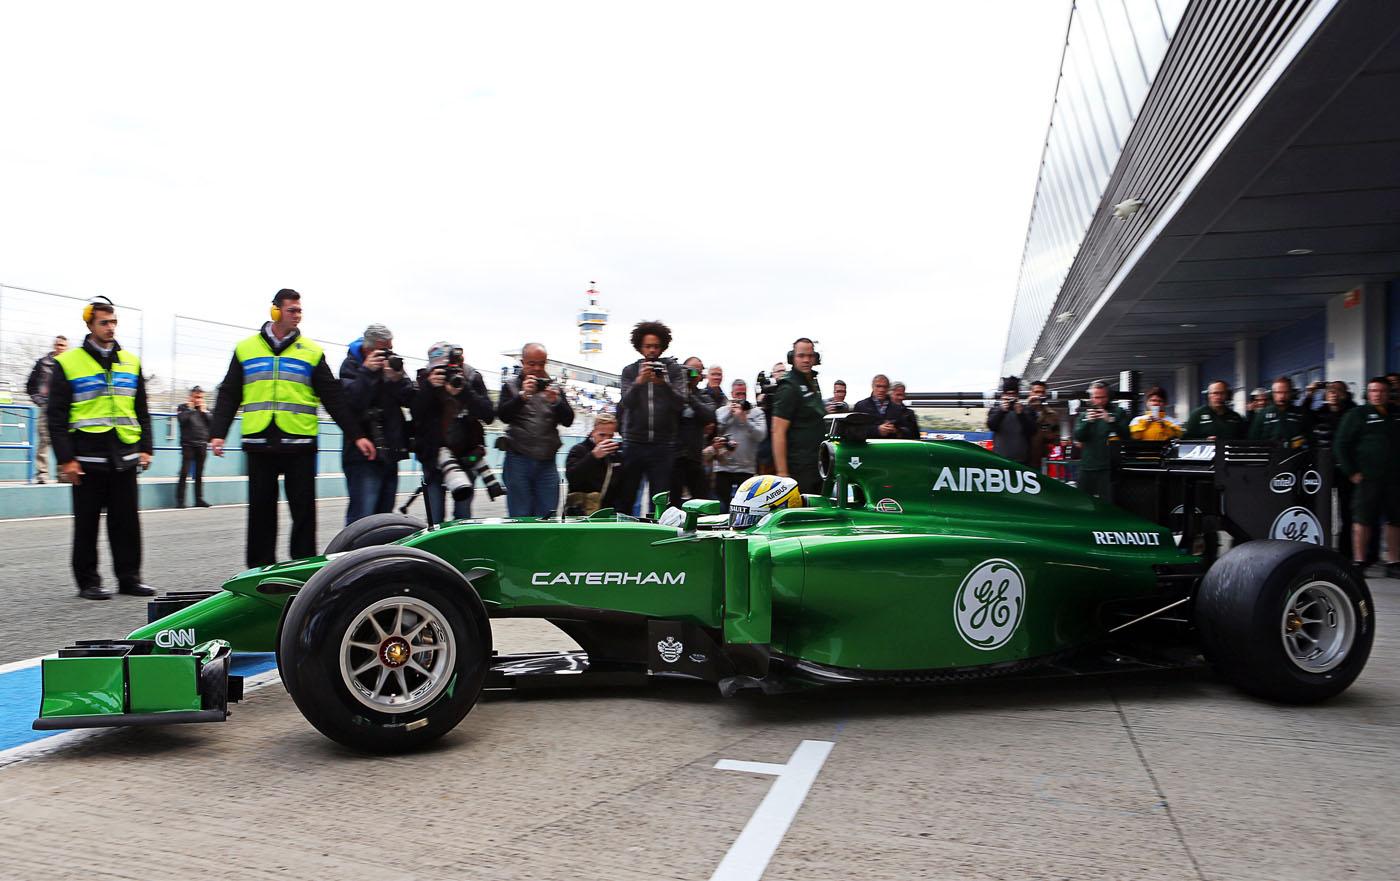 Caterham F1 gekocht door consortium